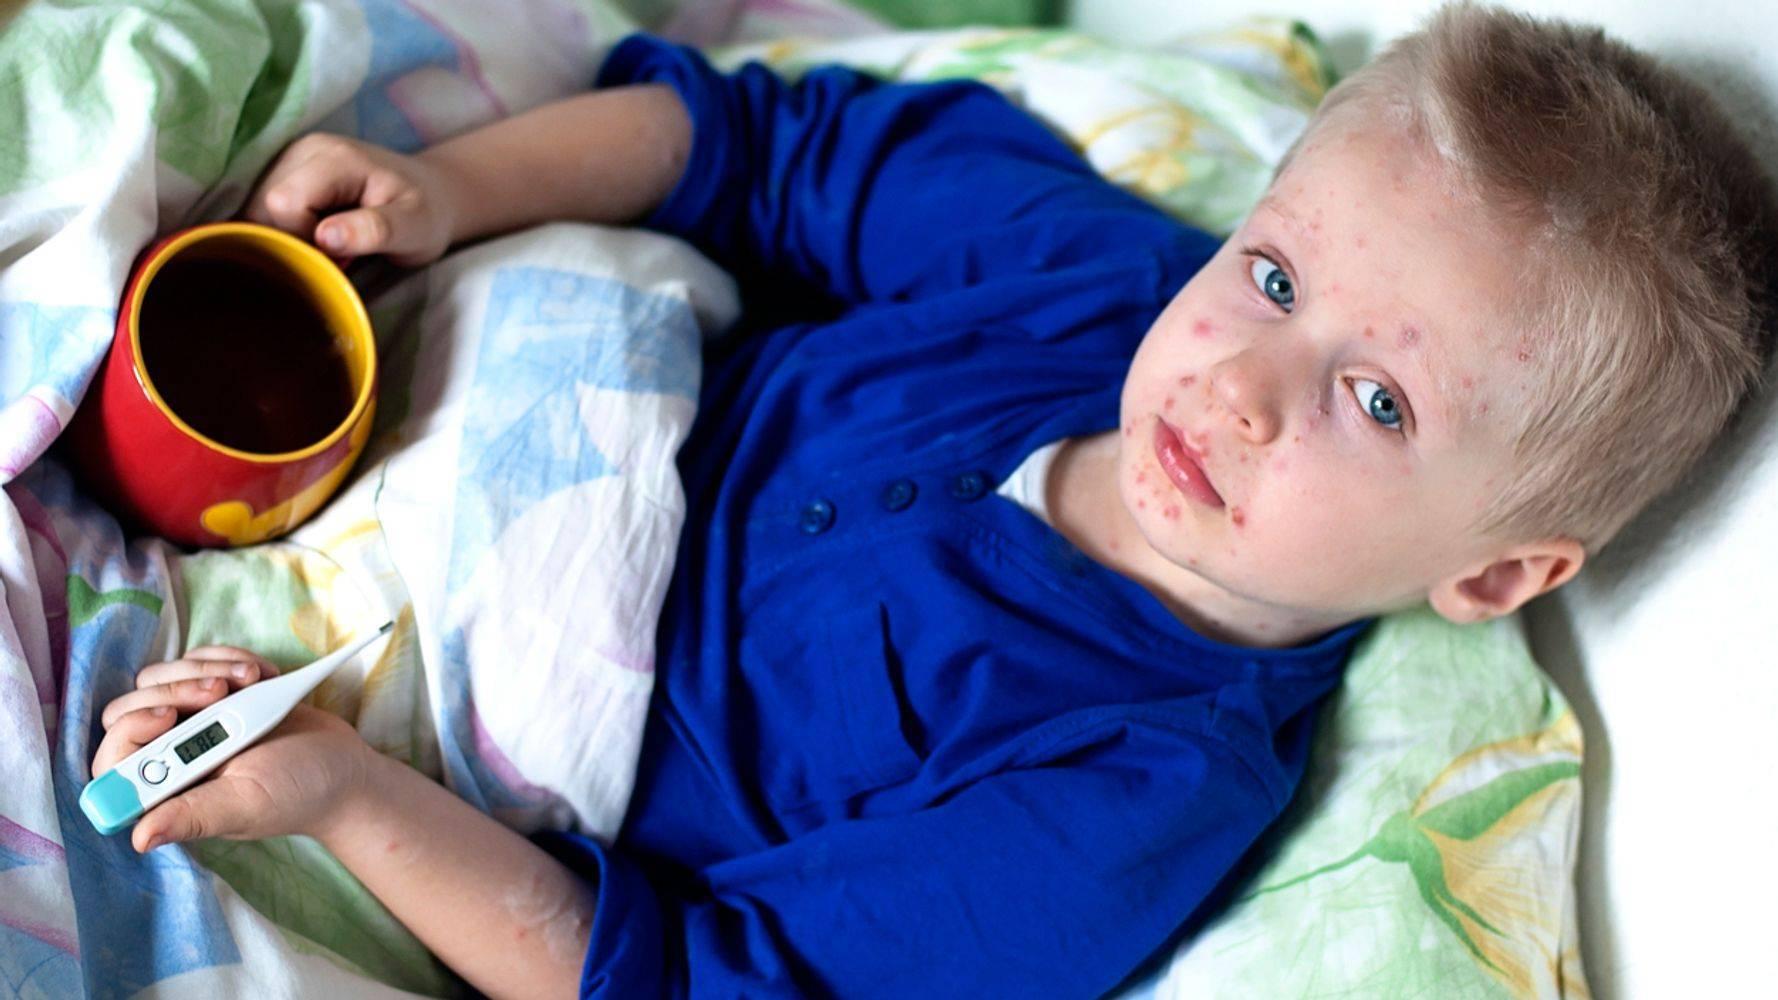 Комаровский - чем лечить вирусную пузырчатку у детей: фото, симптомы, лечение